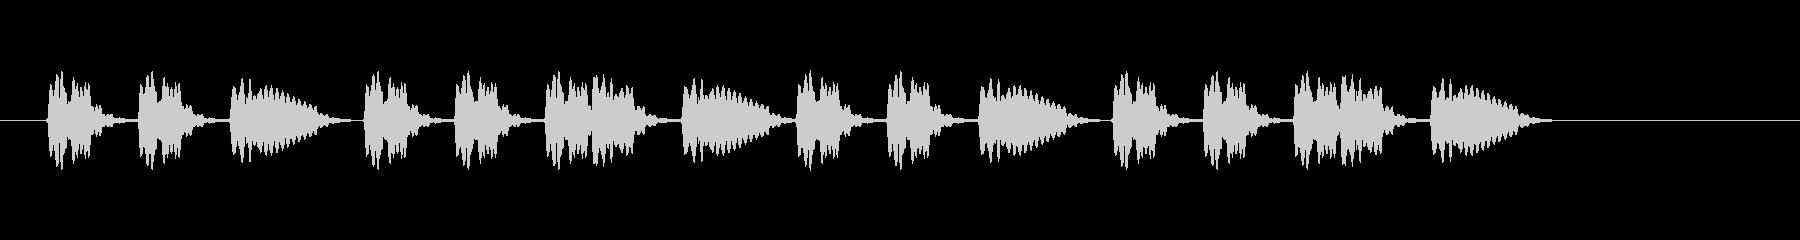 ホイッスルの音【サンバ・行進の笛】の未再生の波形